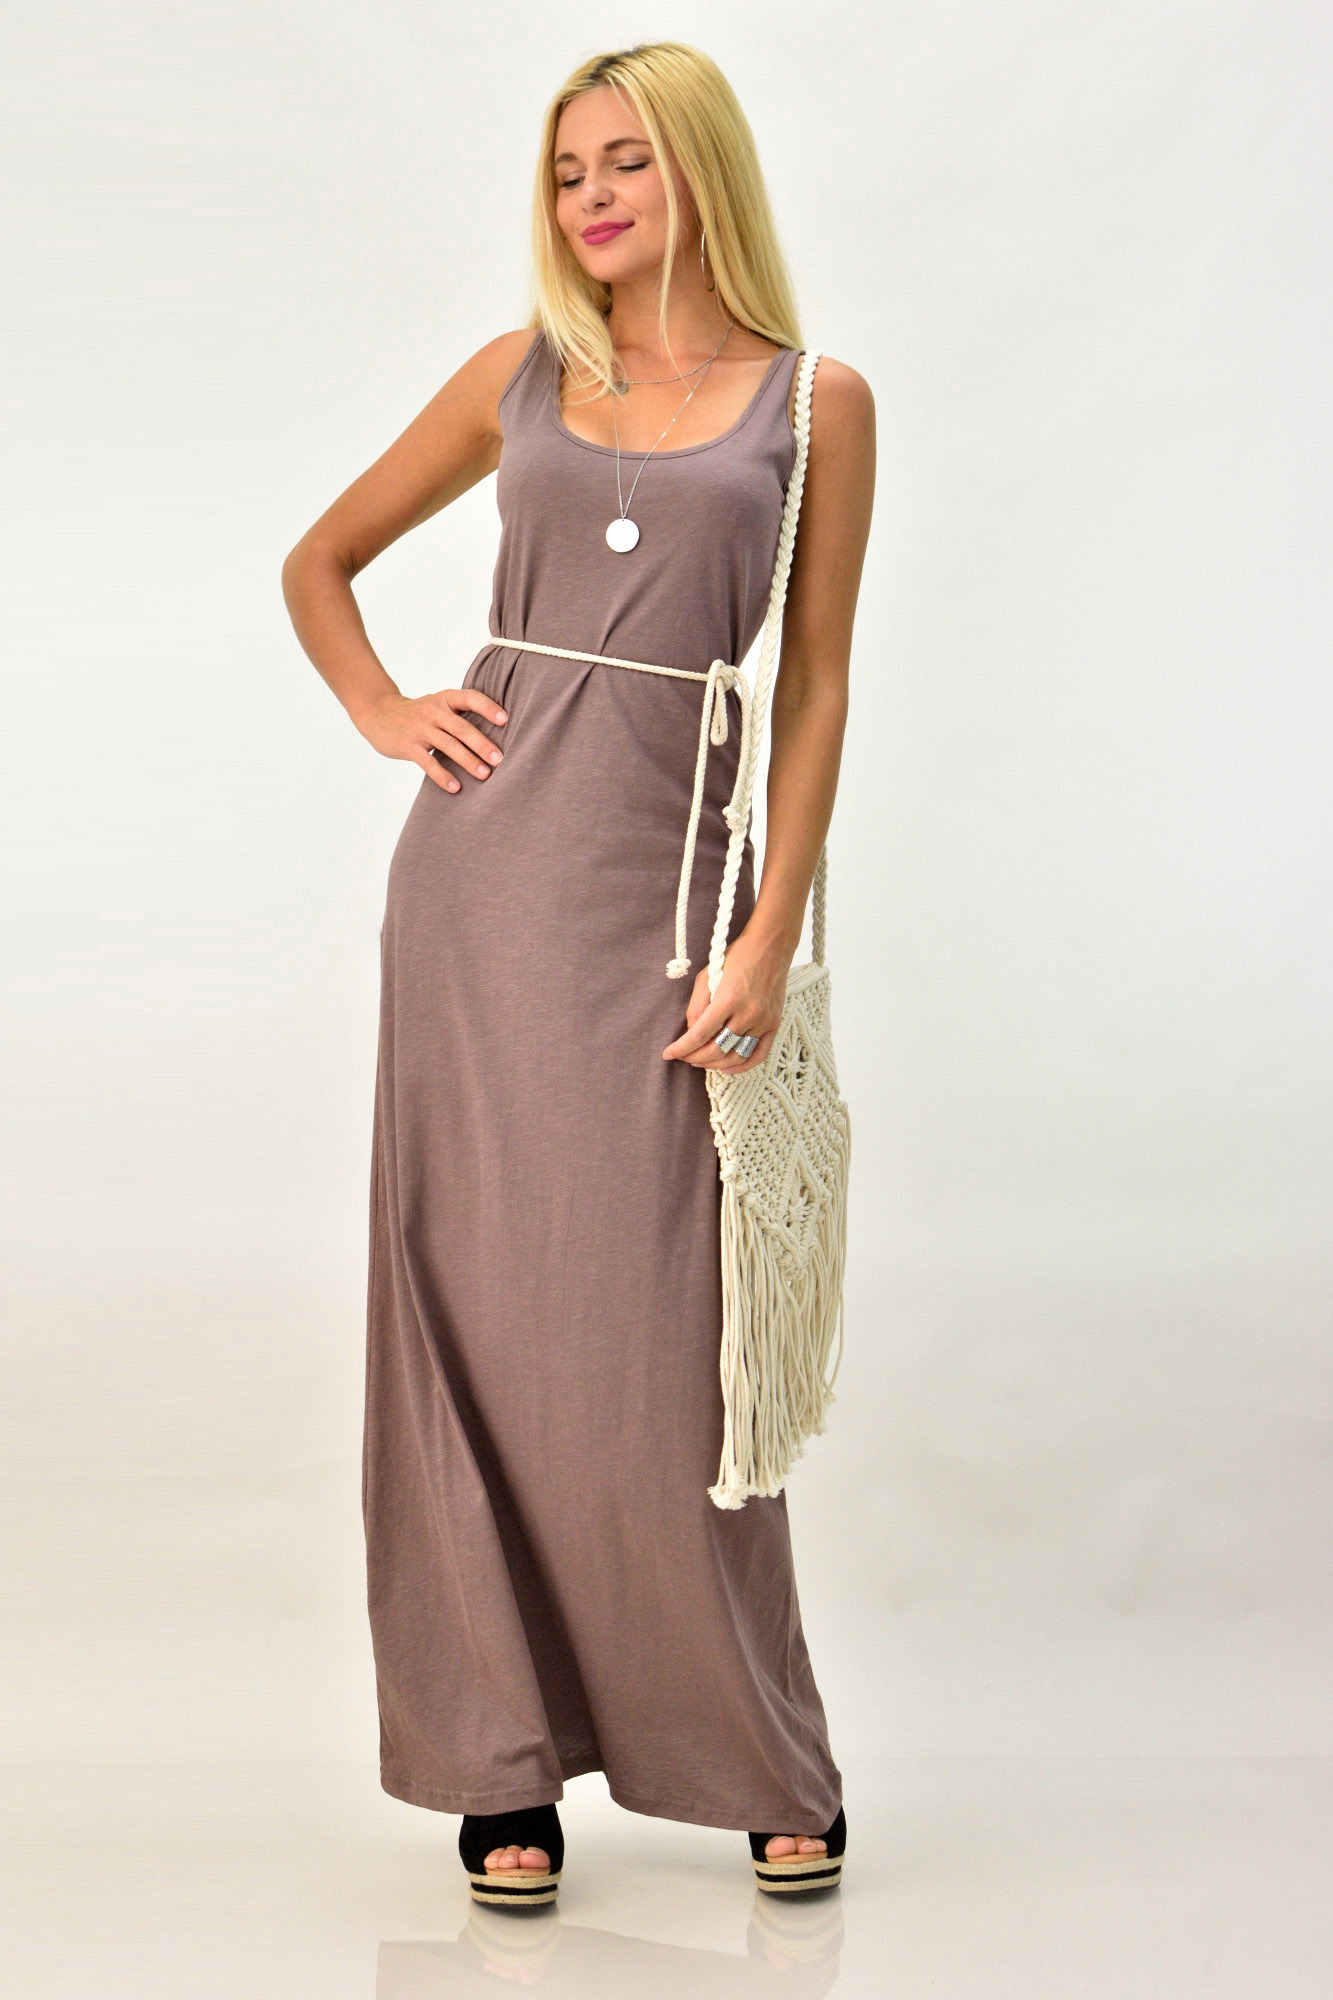 f0001a70e27 Μακρύ καθημερινό φόρεμα με άνοιγμα στη πλάτη   POTRE